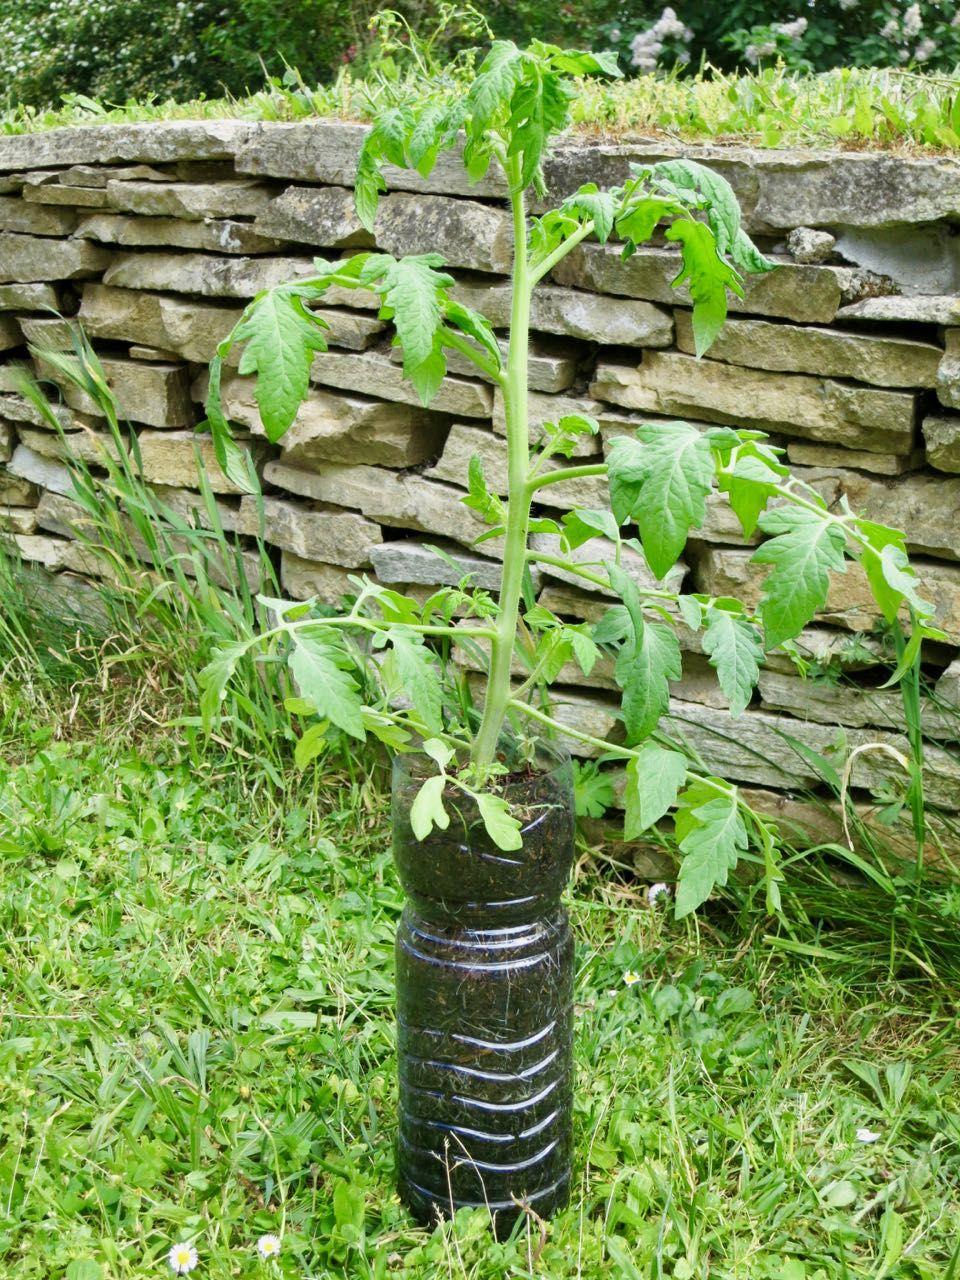 Mon Palmares Des Tomates 2018 Planter Tomates Tomates Jardinage